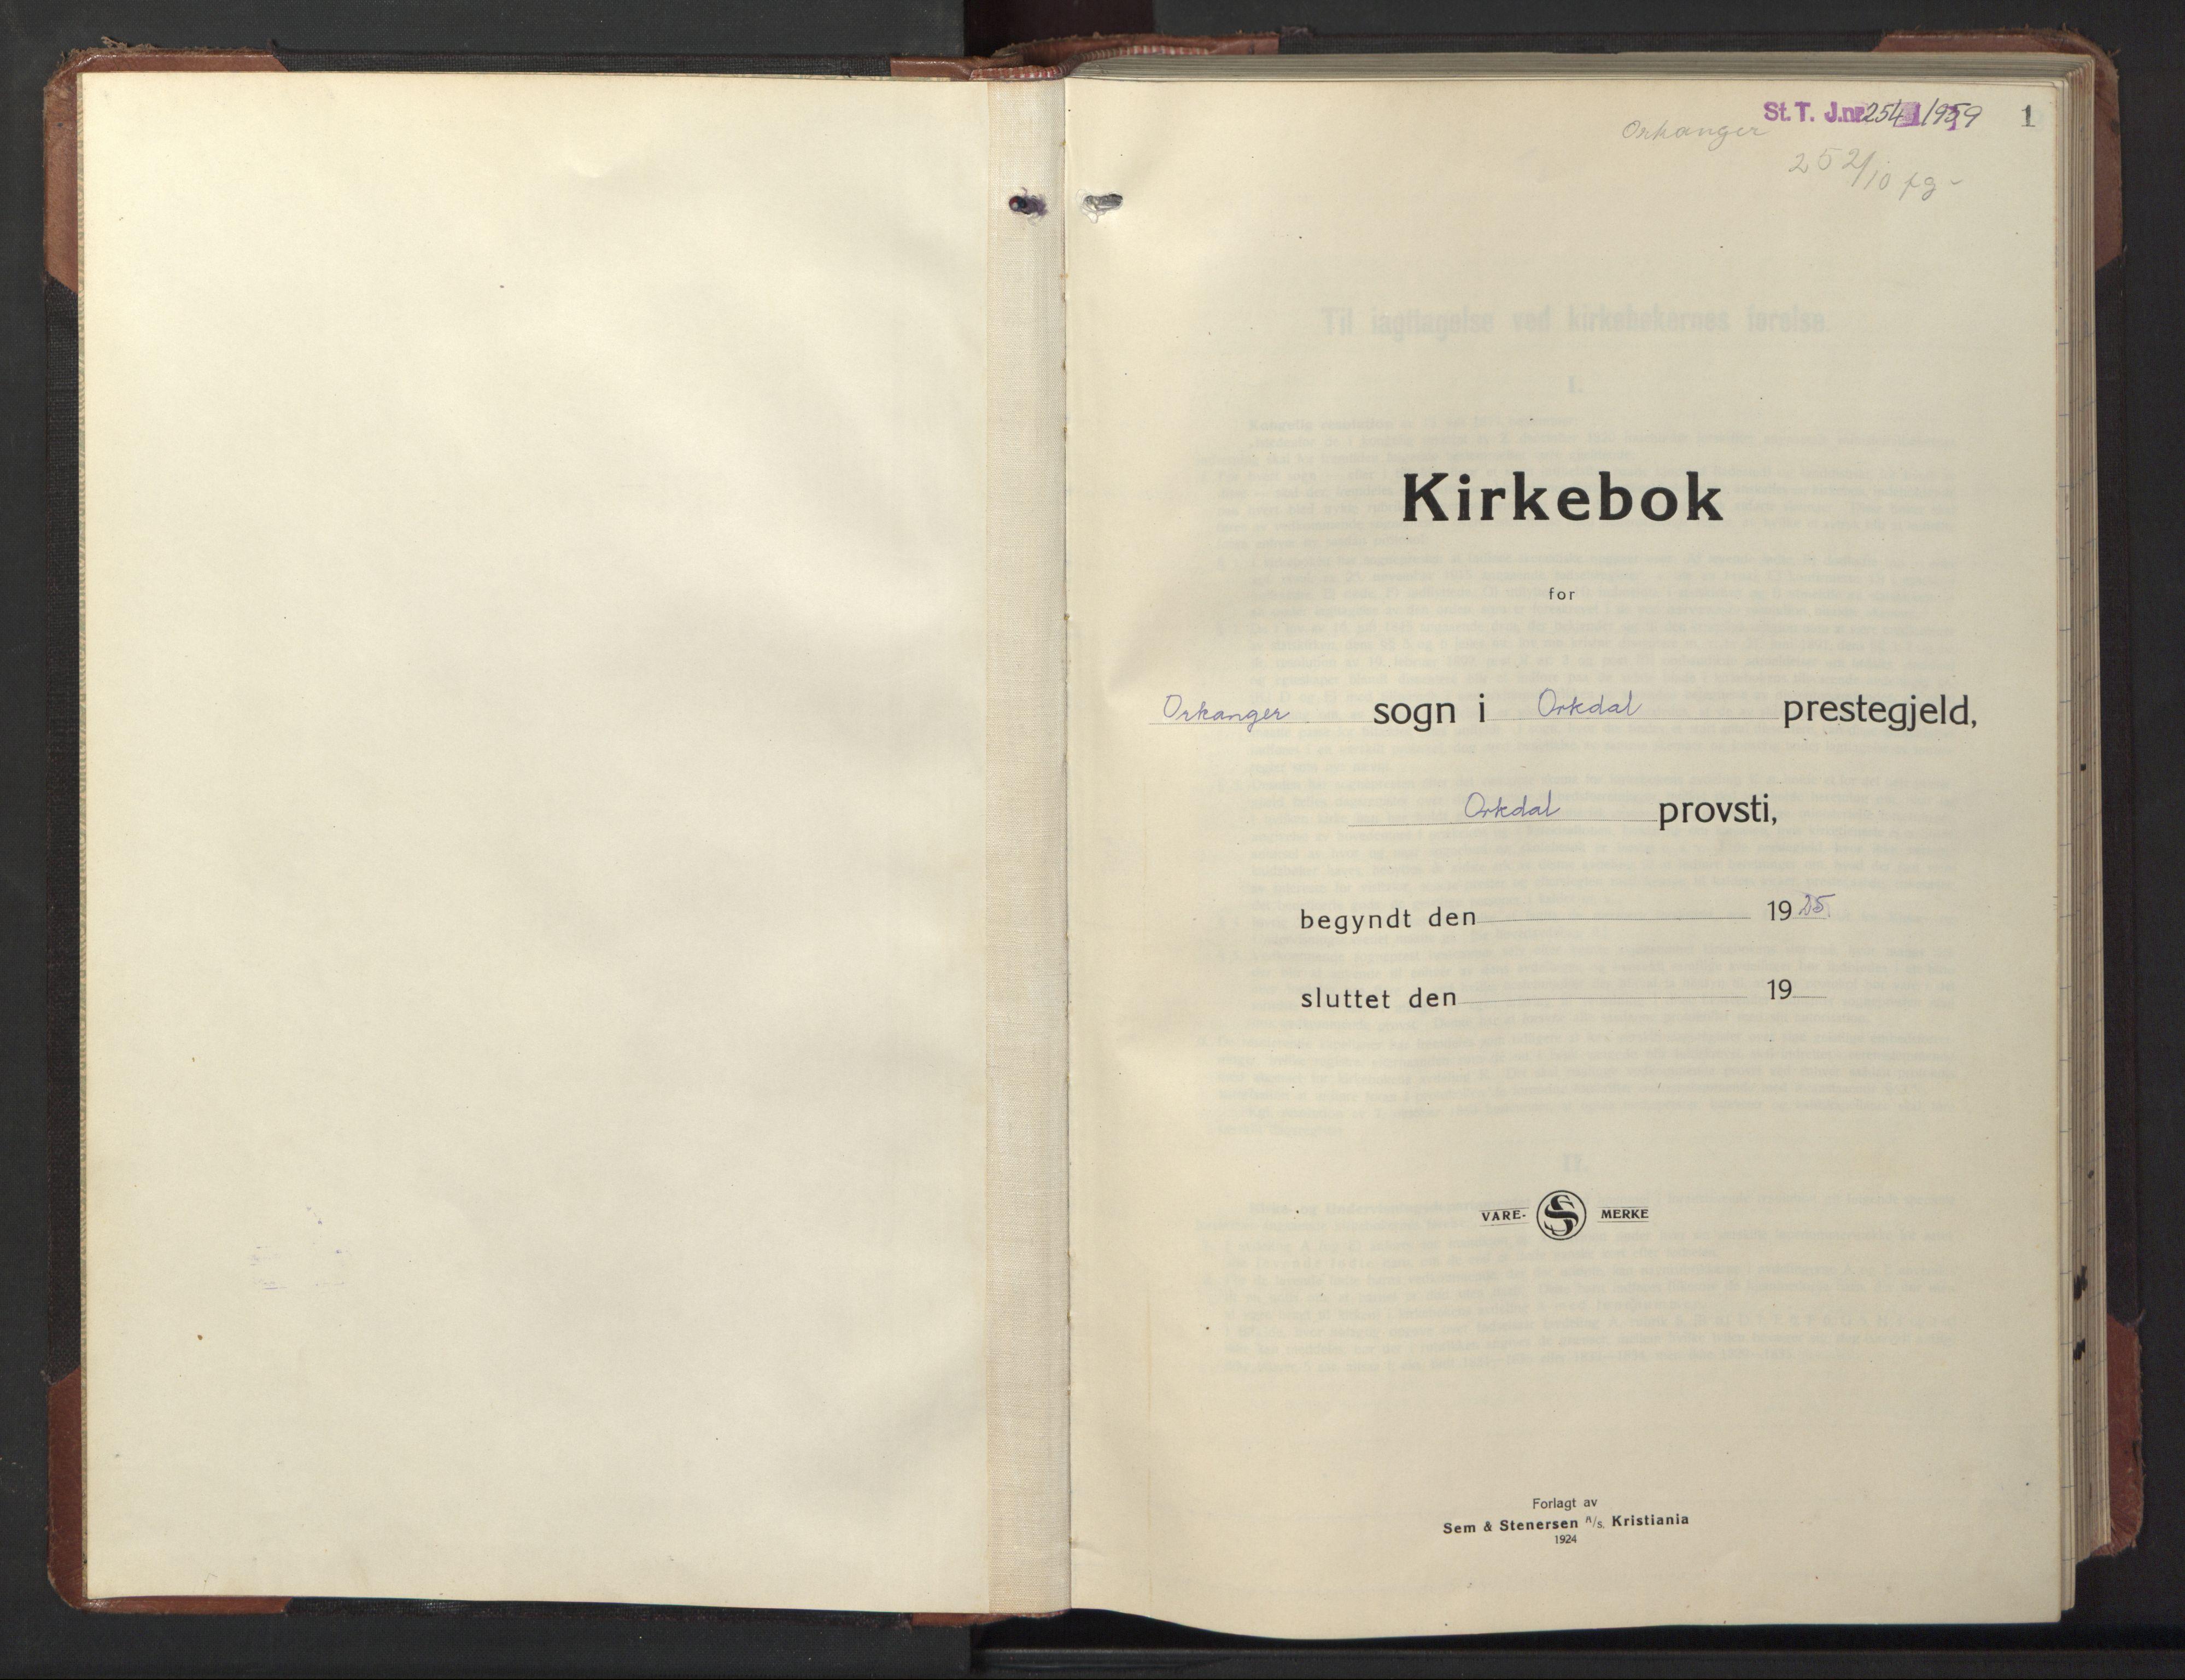 SAT, Ministerialprotokoller, klokkerbøker og fødselsregistre - Sør-Trøndelag, 669/L0832: Klokkerbok nr. 669C02, 1925-1953, s. 1